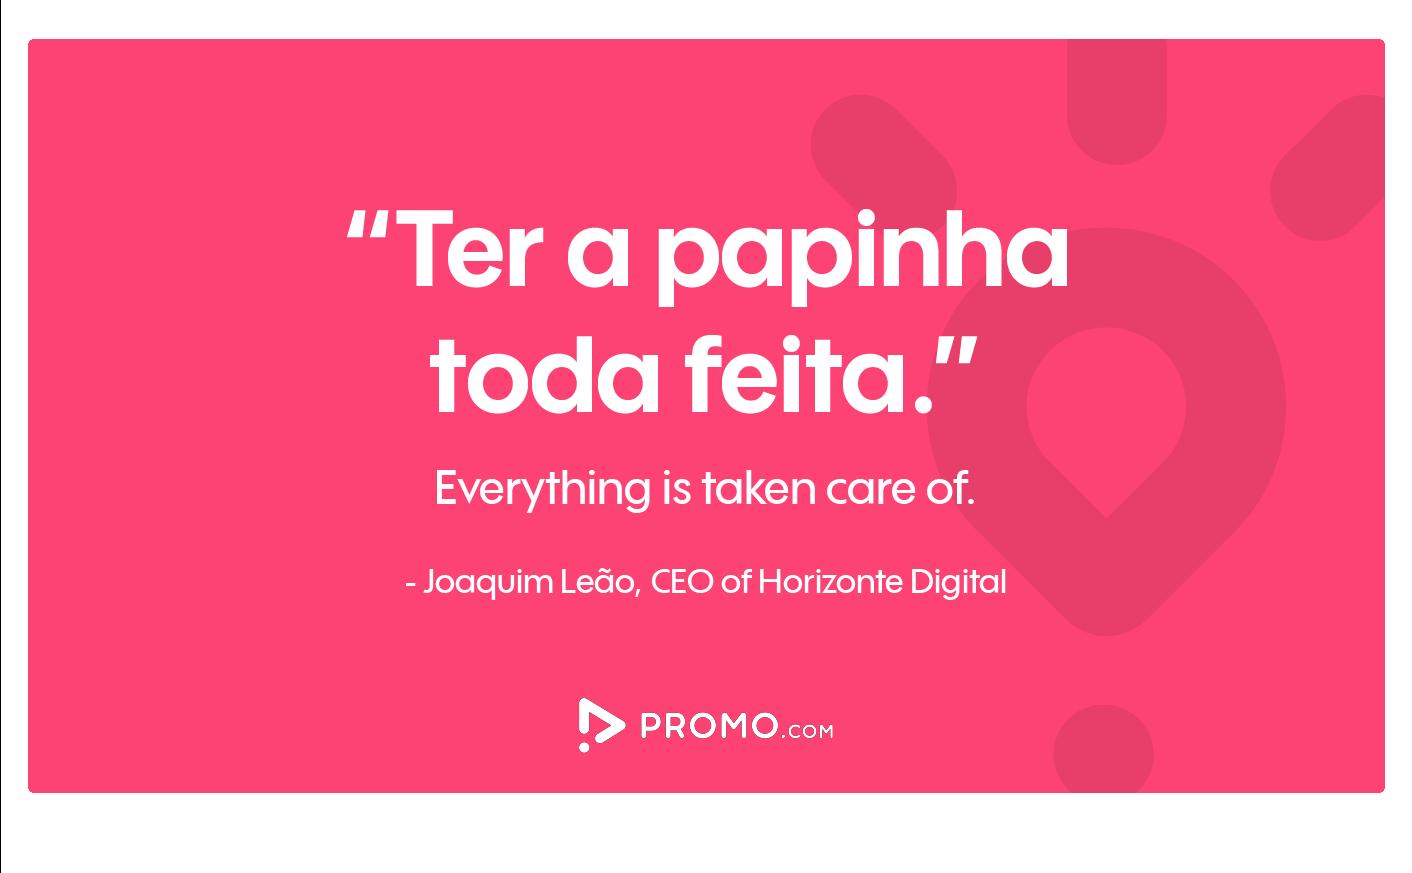 Promo.com case study